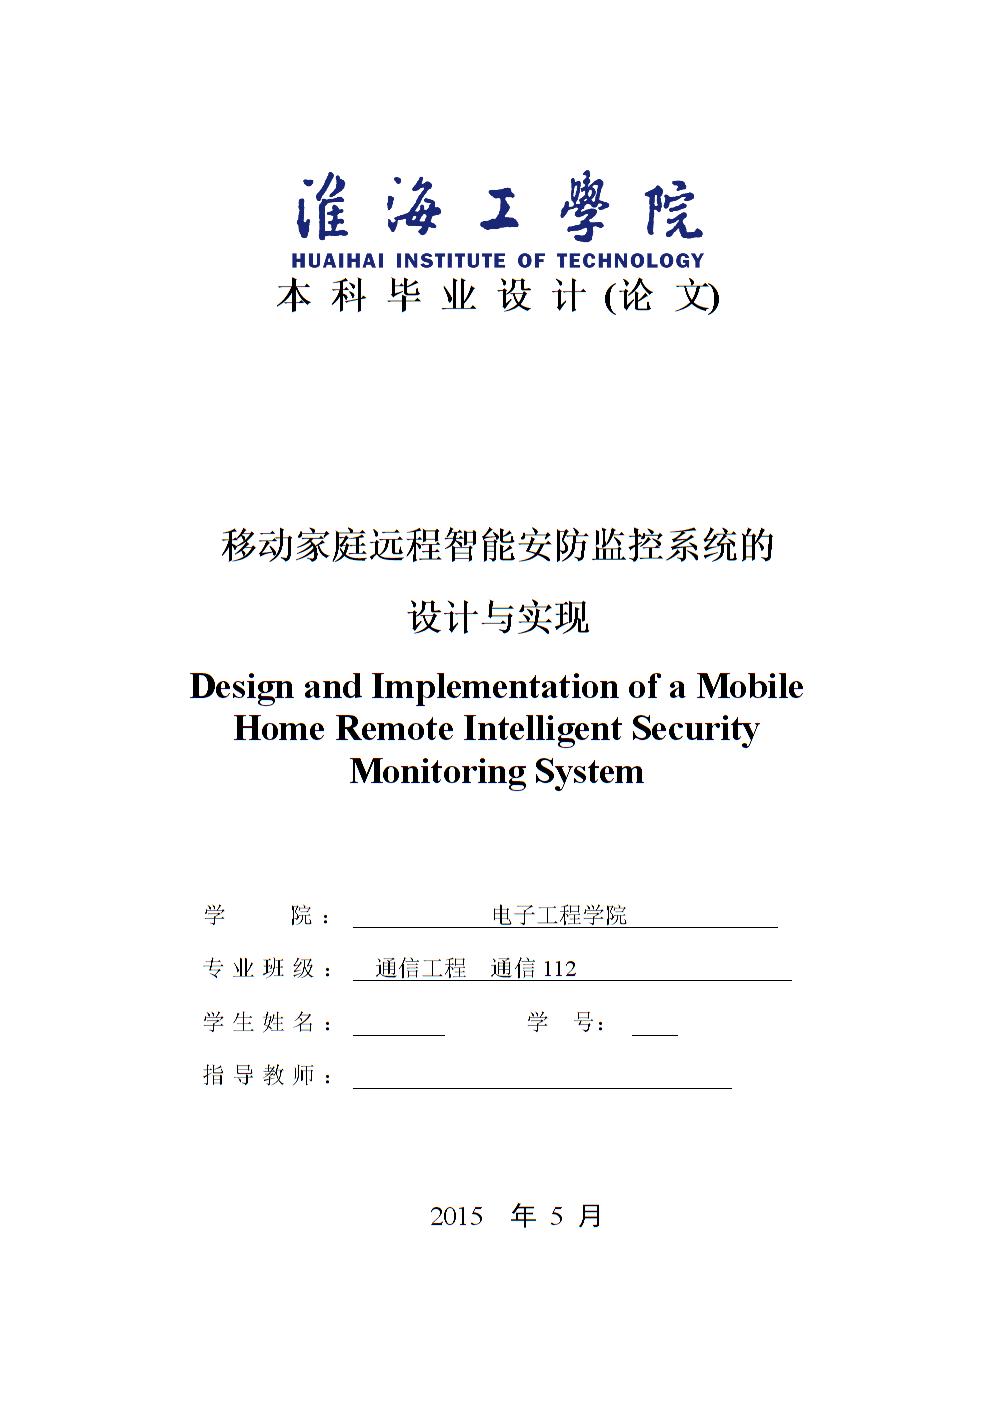 4 防火控制模块硬件电路设计 21 4 系统软件设计 23 4.